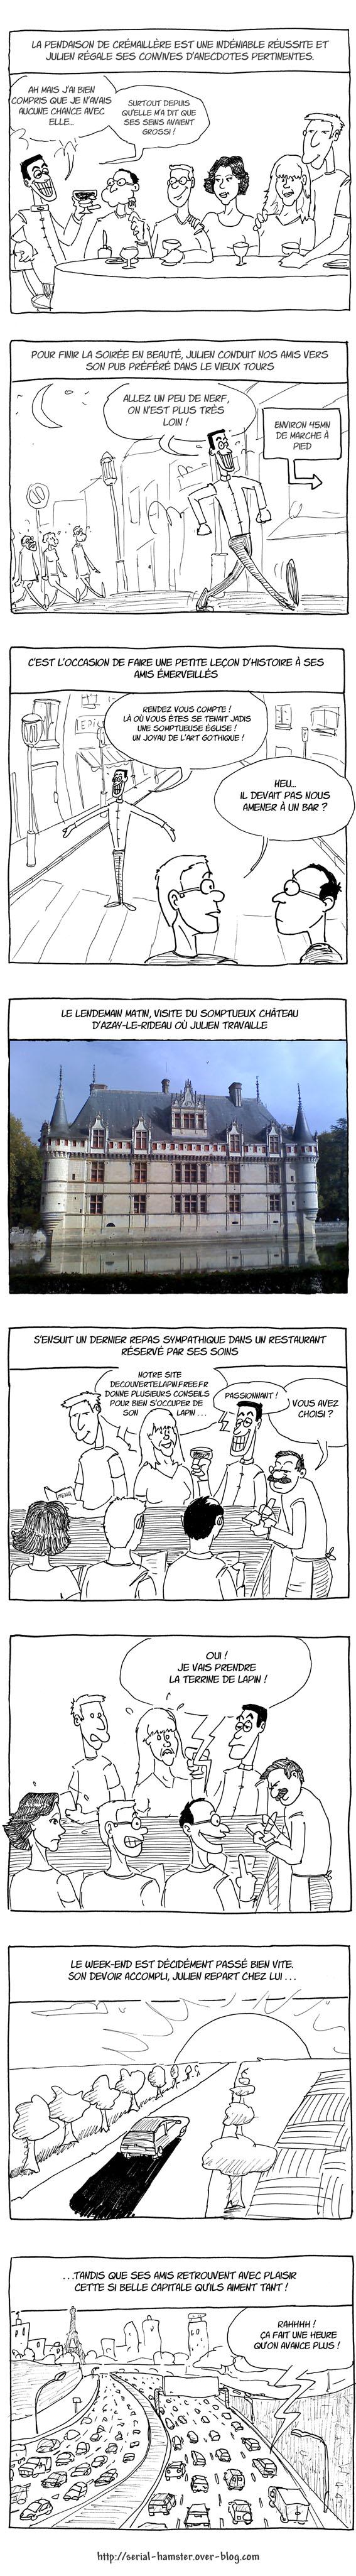 2010-03-04-Le-Maitre-du-Haut-Chateau-2